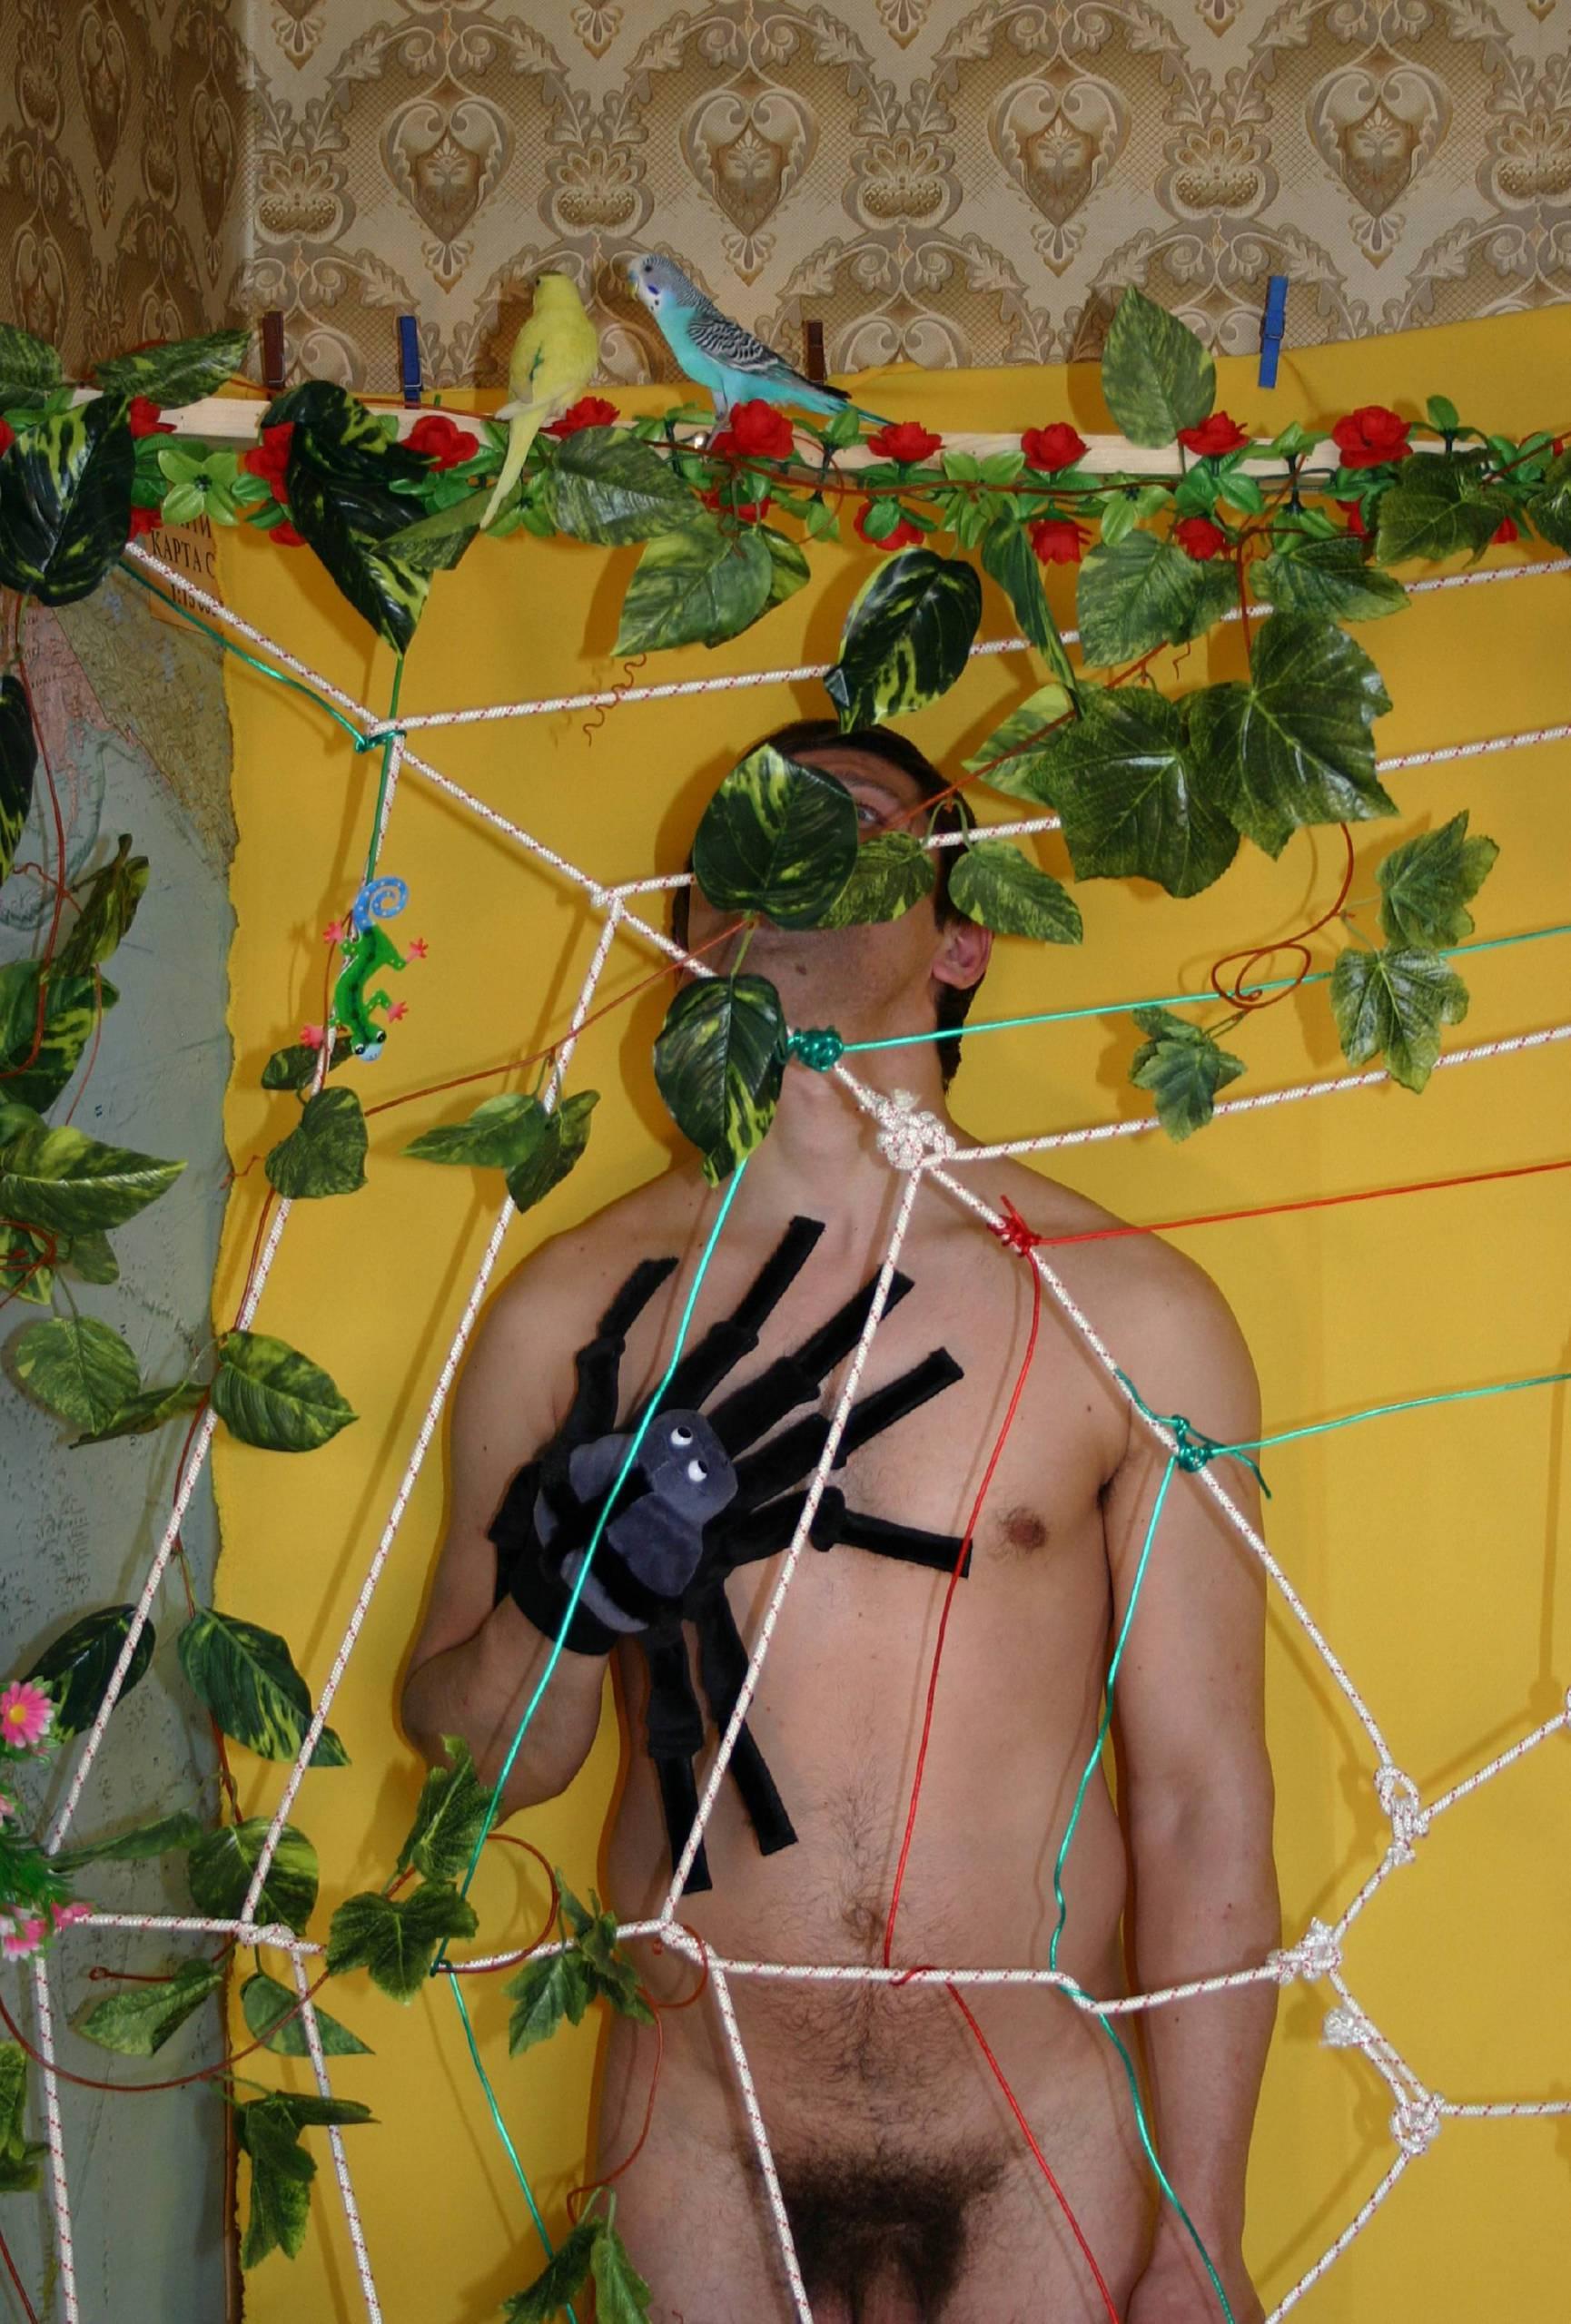 Nudist Photos Nested Nudist Animal Play - 1